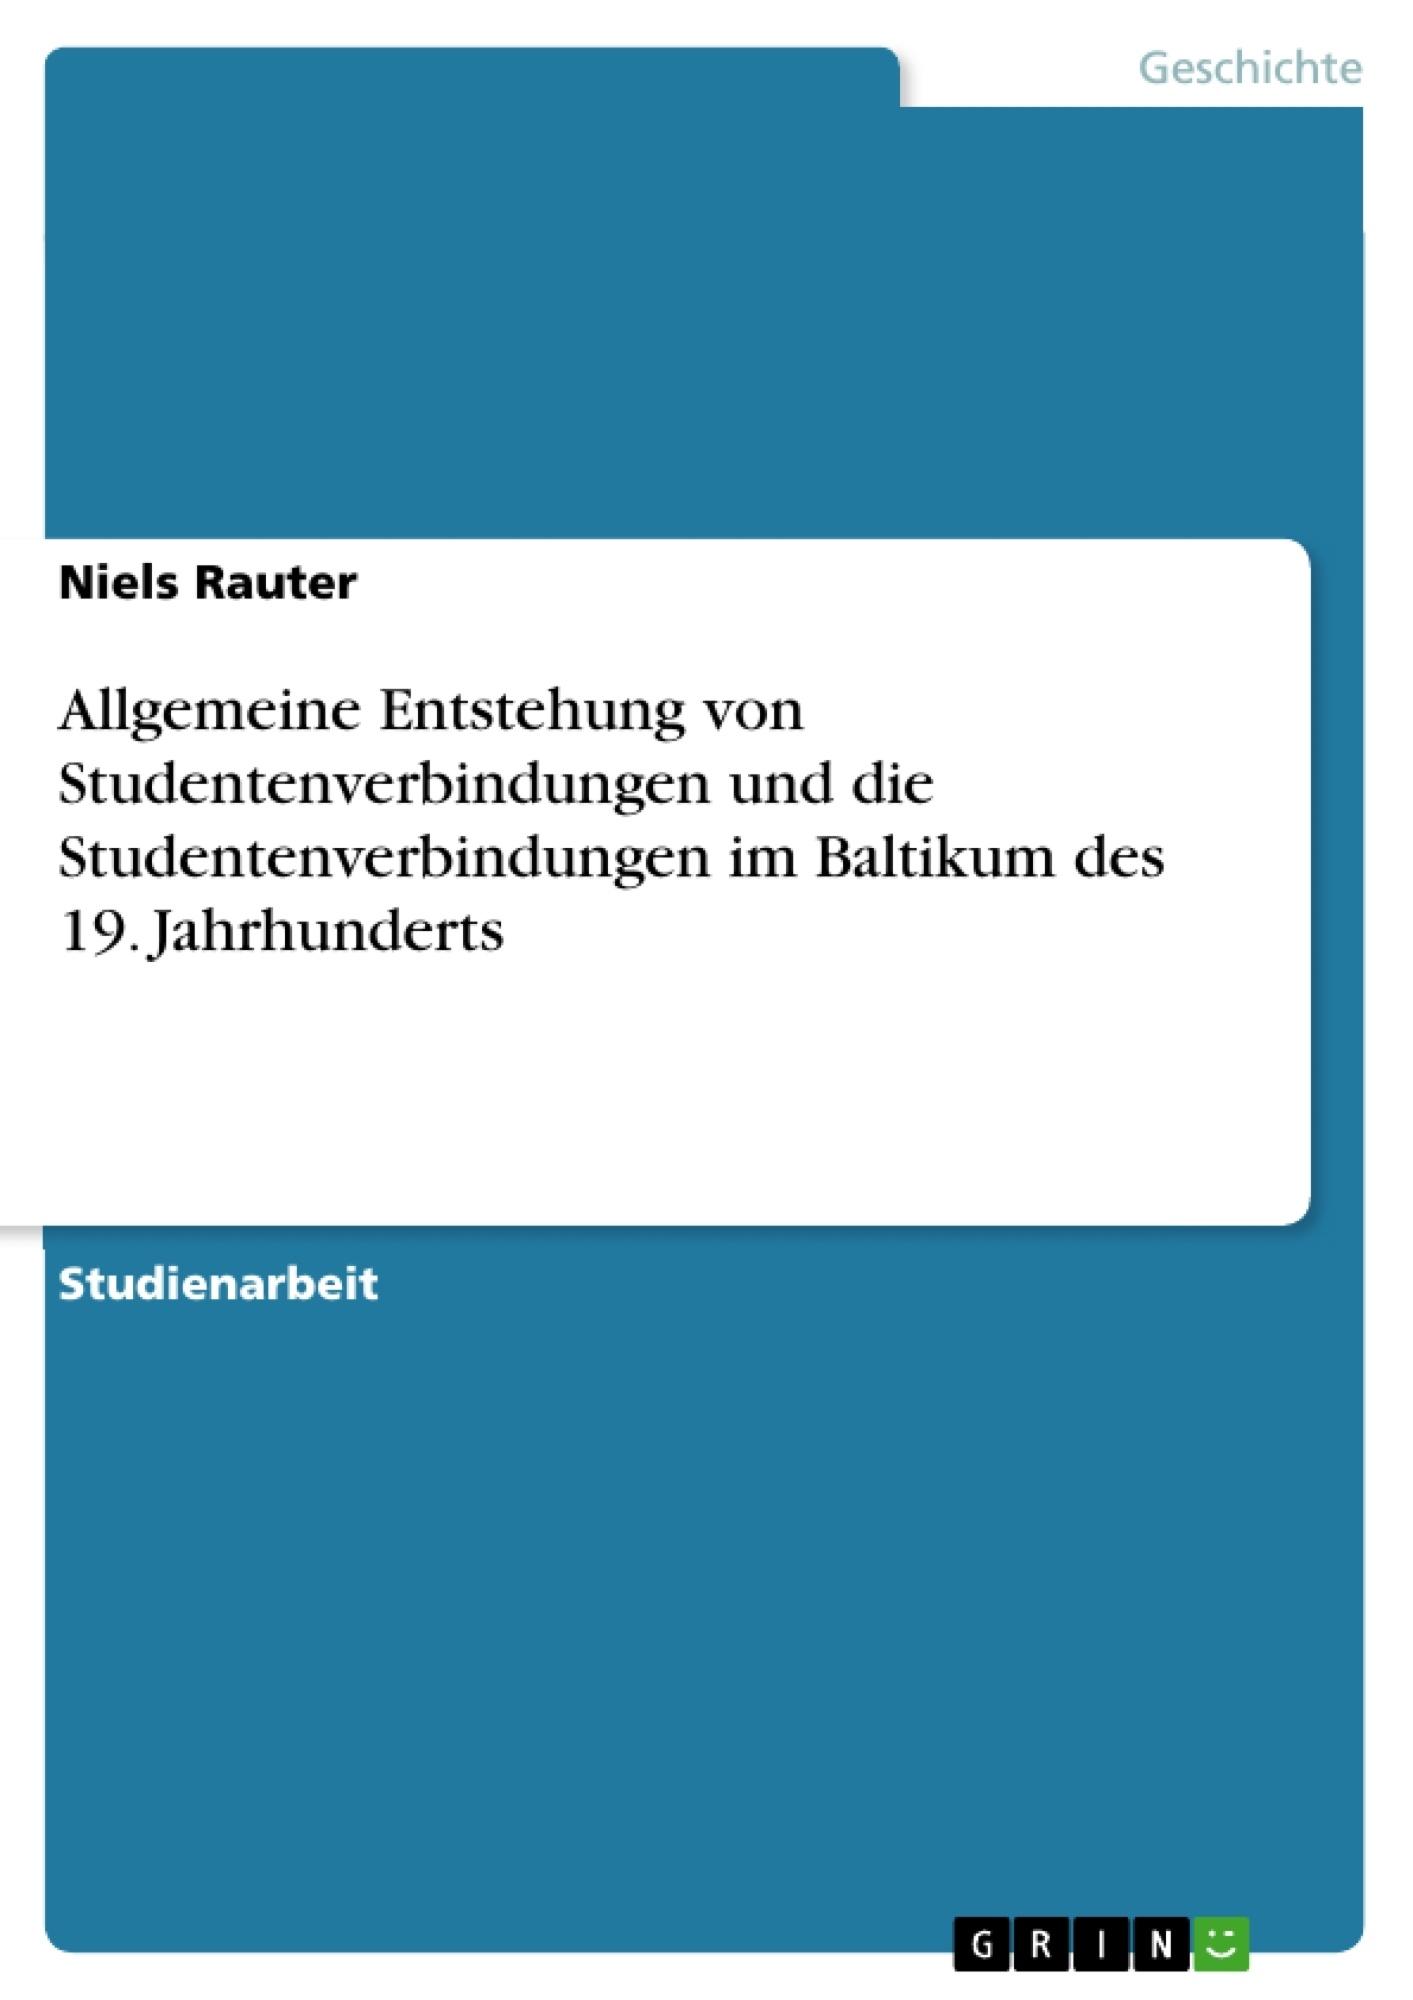 Titel: Allgemeine Entstehung von Studentenverbindungen und die Studentenverbindungen im Baltikum des 19. Jahrhunderts